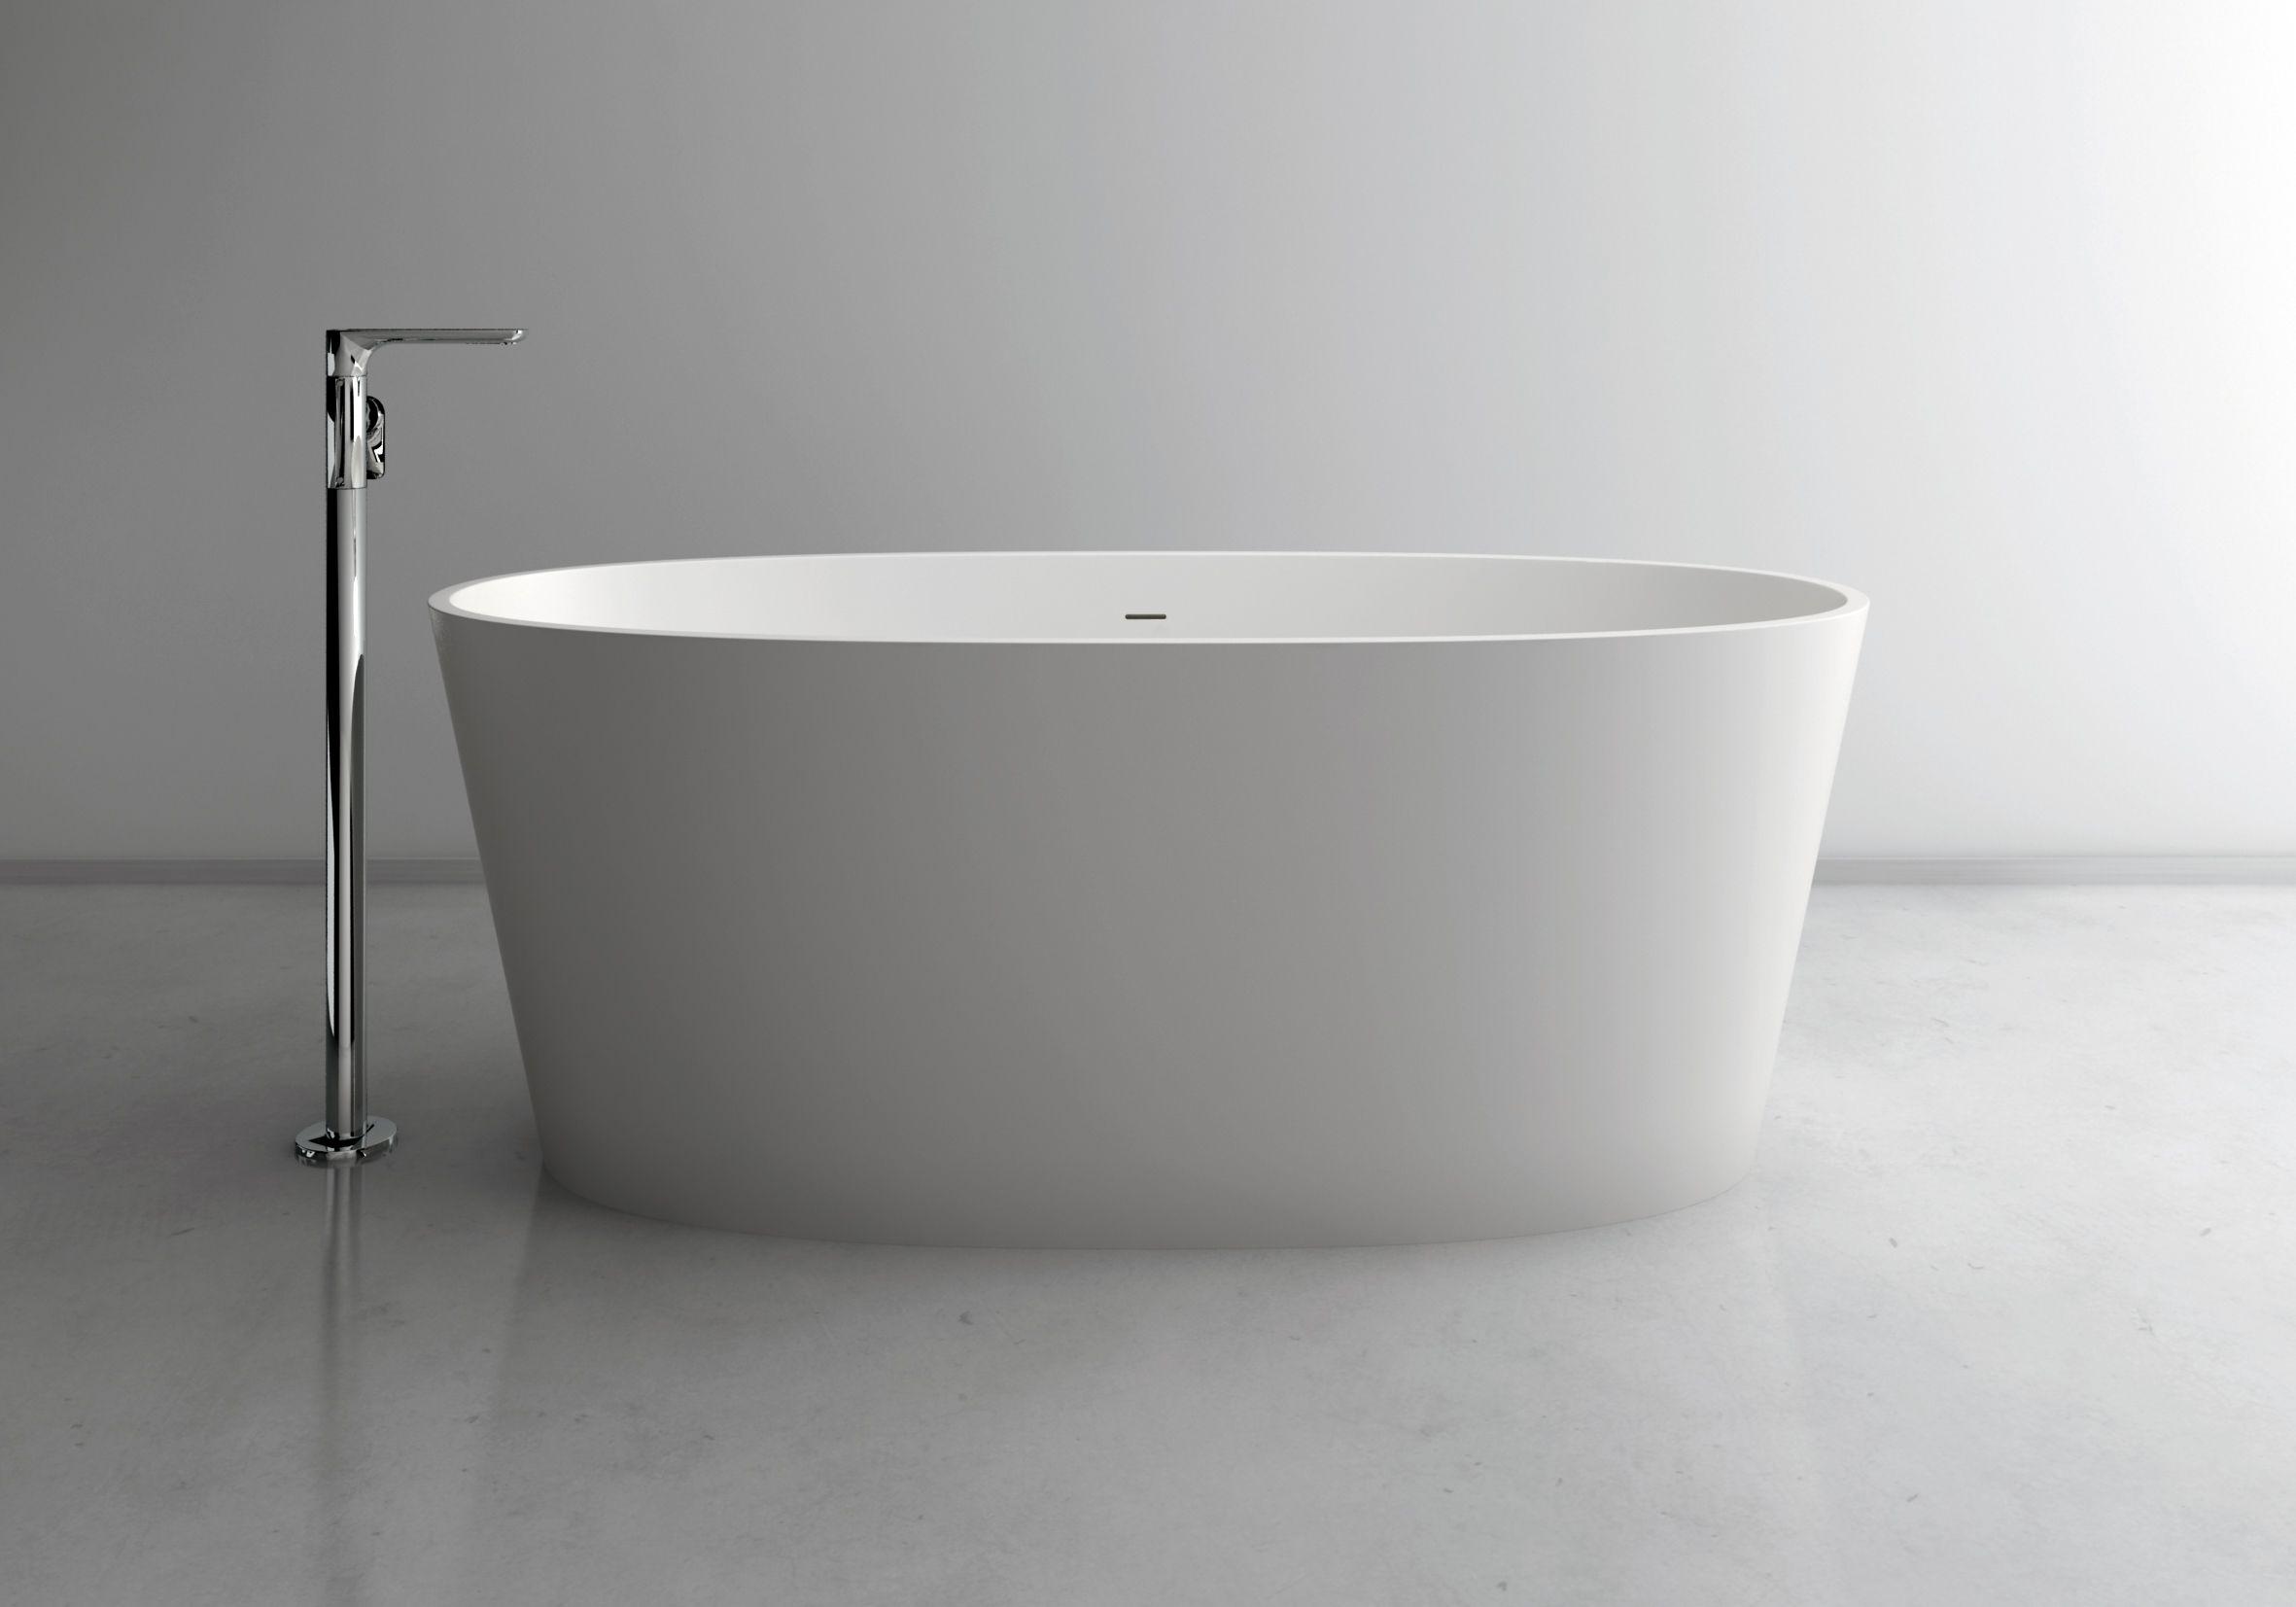 Vasche Da Bagno Listino Prezzi : Vasche idromassaggio per esterni con teuco seaside prezzo e